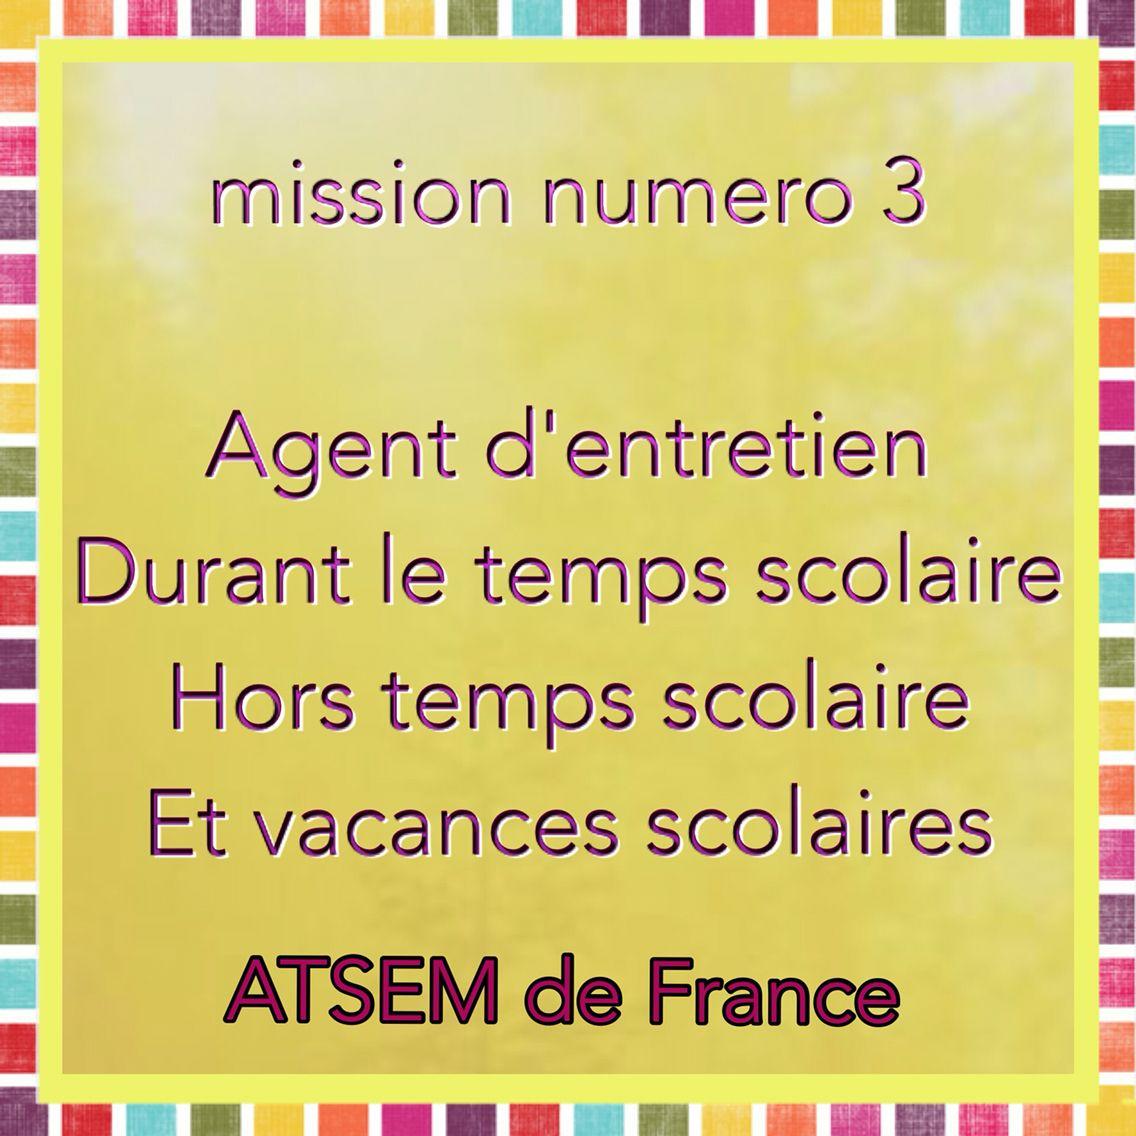 Atsem Mission 3 Atsem Scolaire Vacances Scolaires